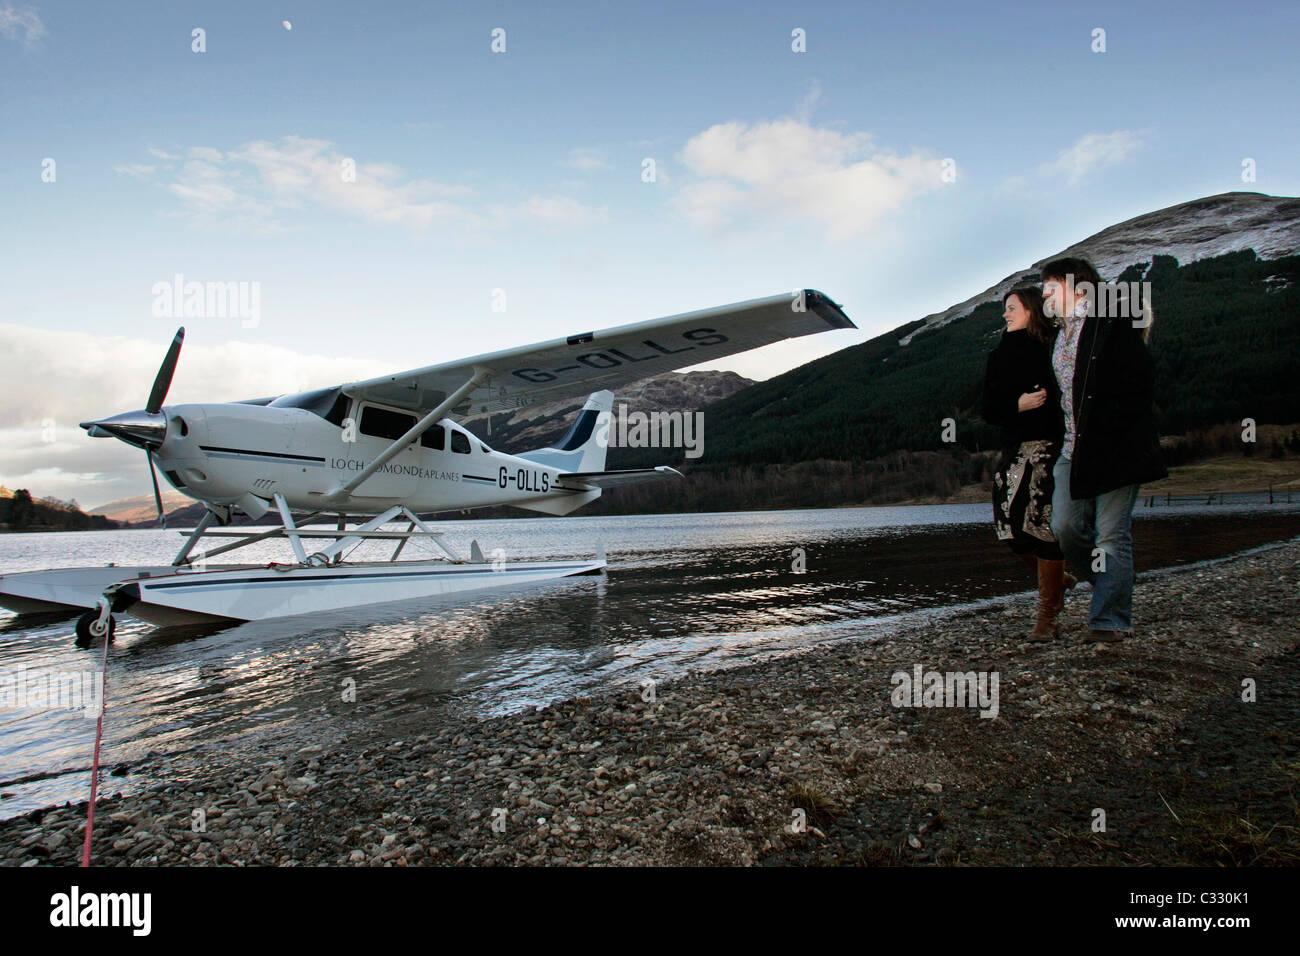 Una joven pareja en un viaje de un día a Loch Voil caminar a lo largo de la orilla pasando el hidroavión Imagen De Stock